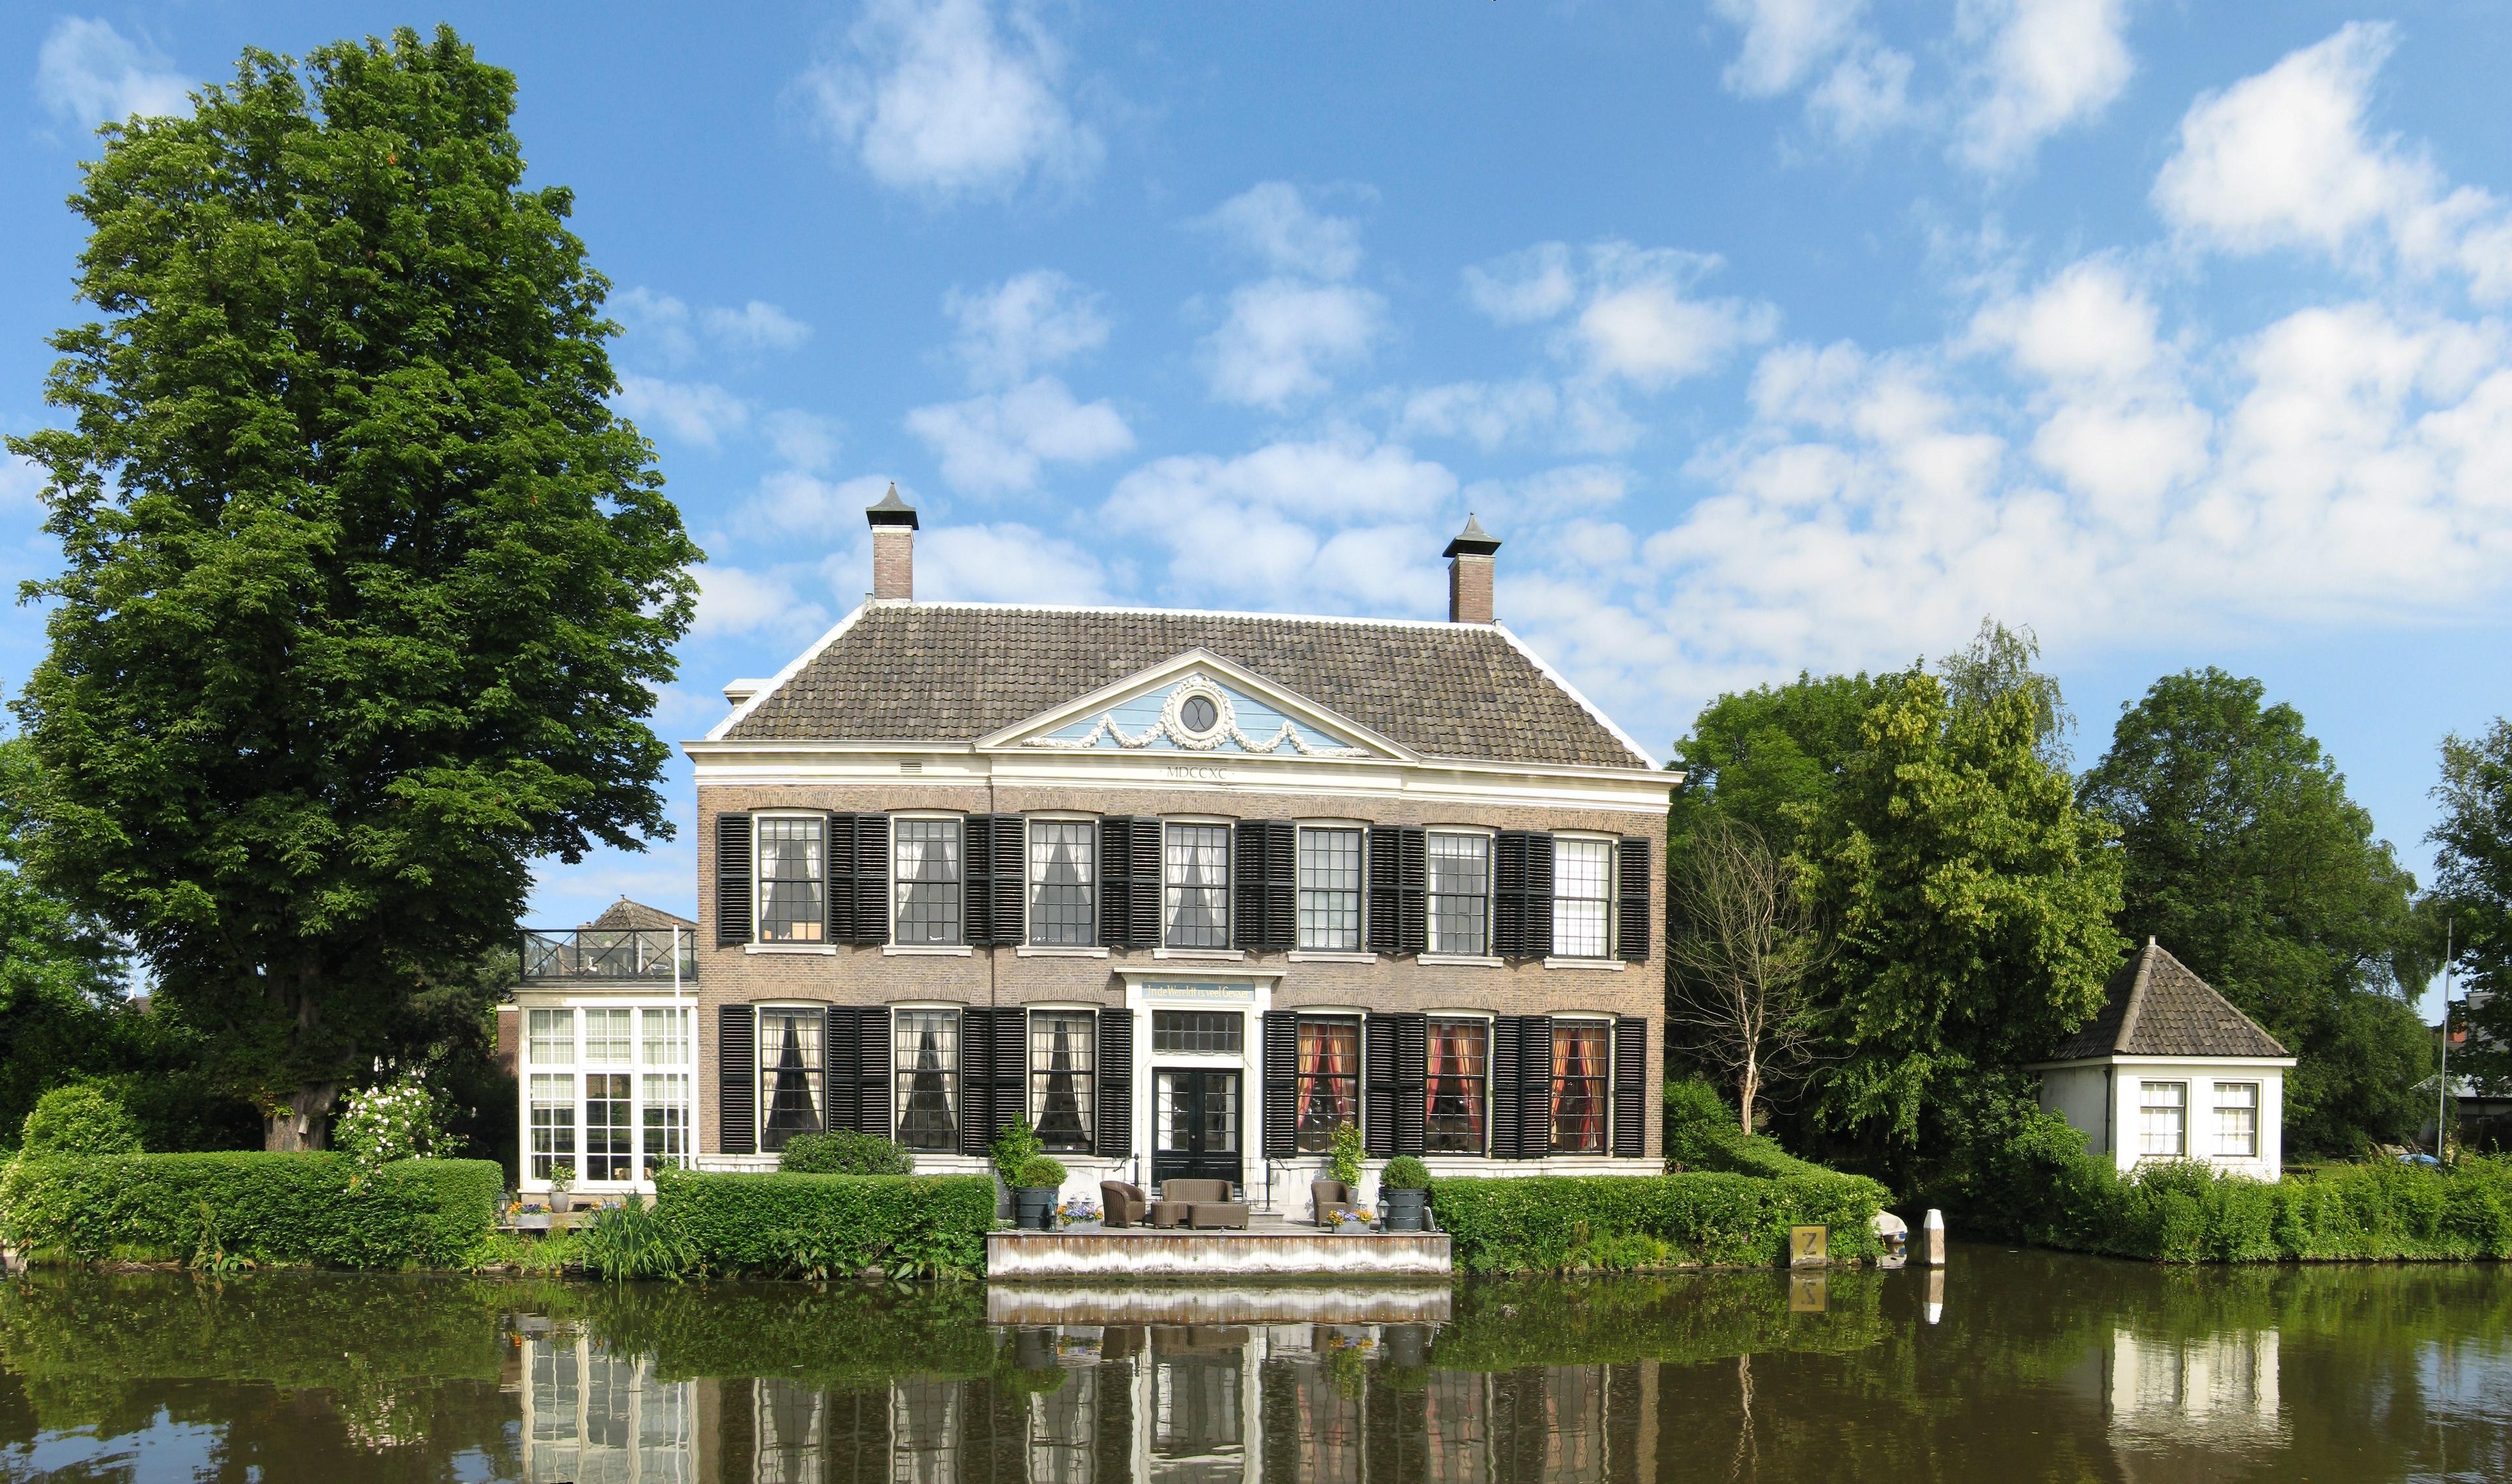 Landhuis in de wereldt is veel gevaer op l vormige plattegrond met verdieping onder - Kroonluchter huis van de wereld ...